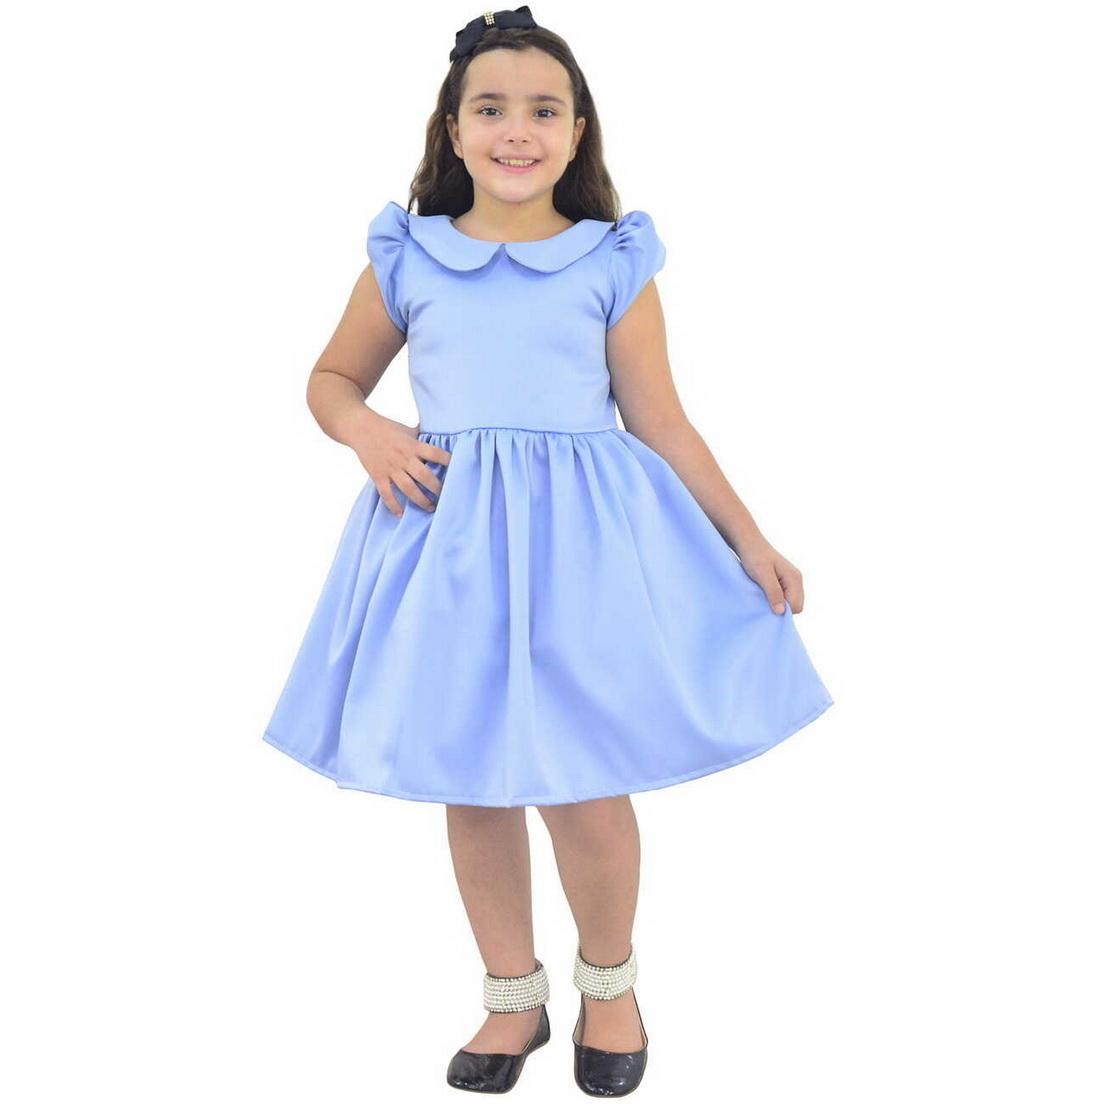 Vestido Azul Celeste infantil Com Golas Baixas